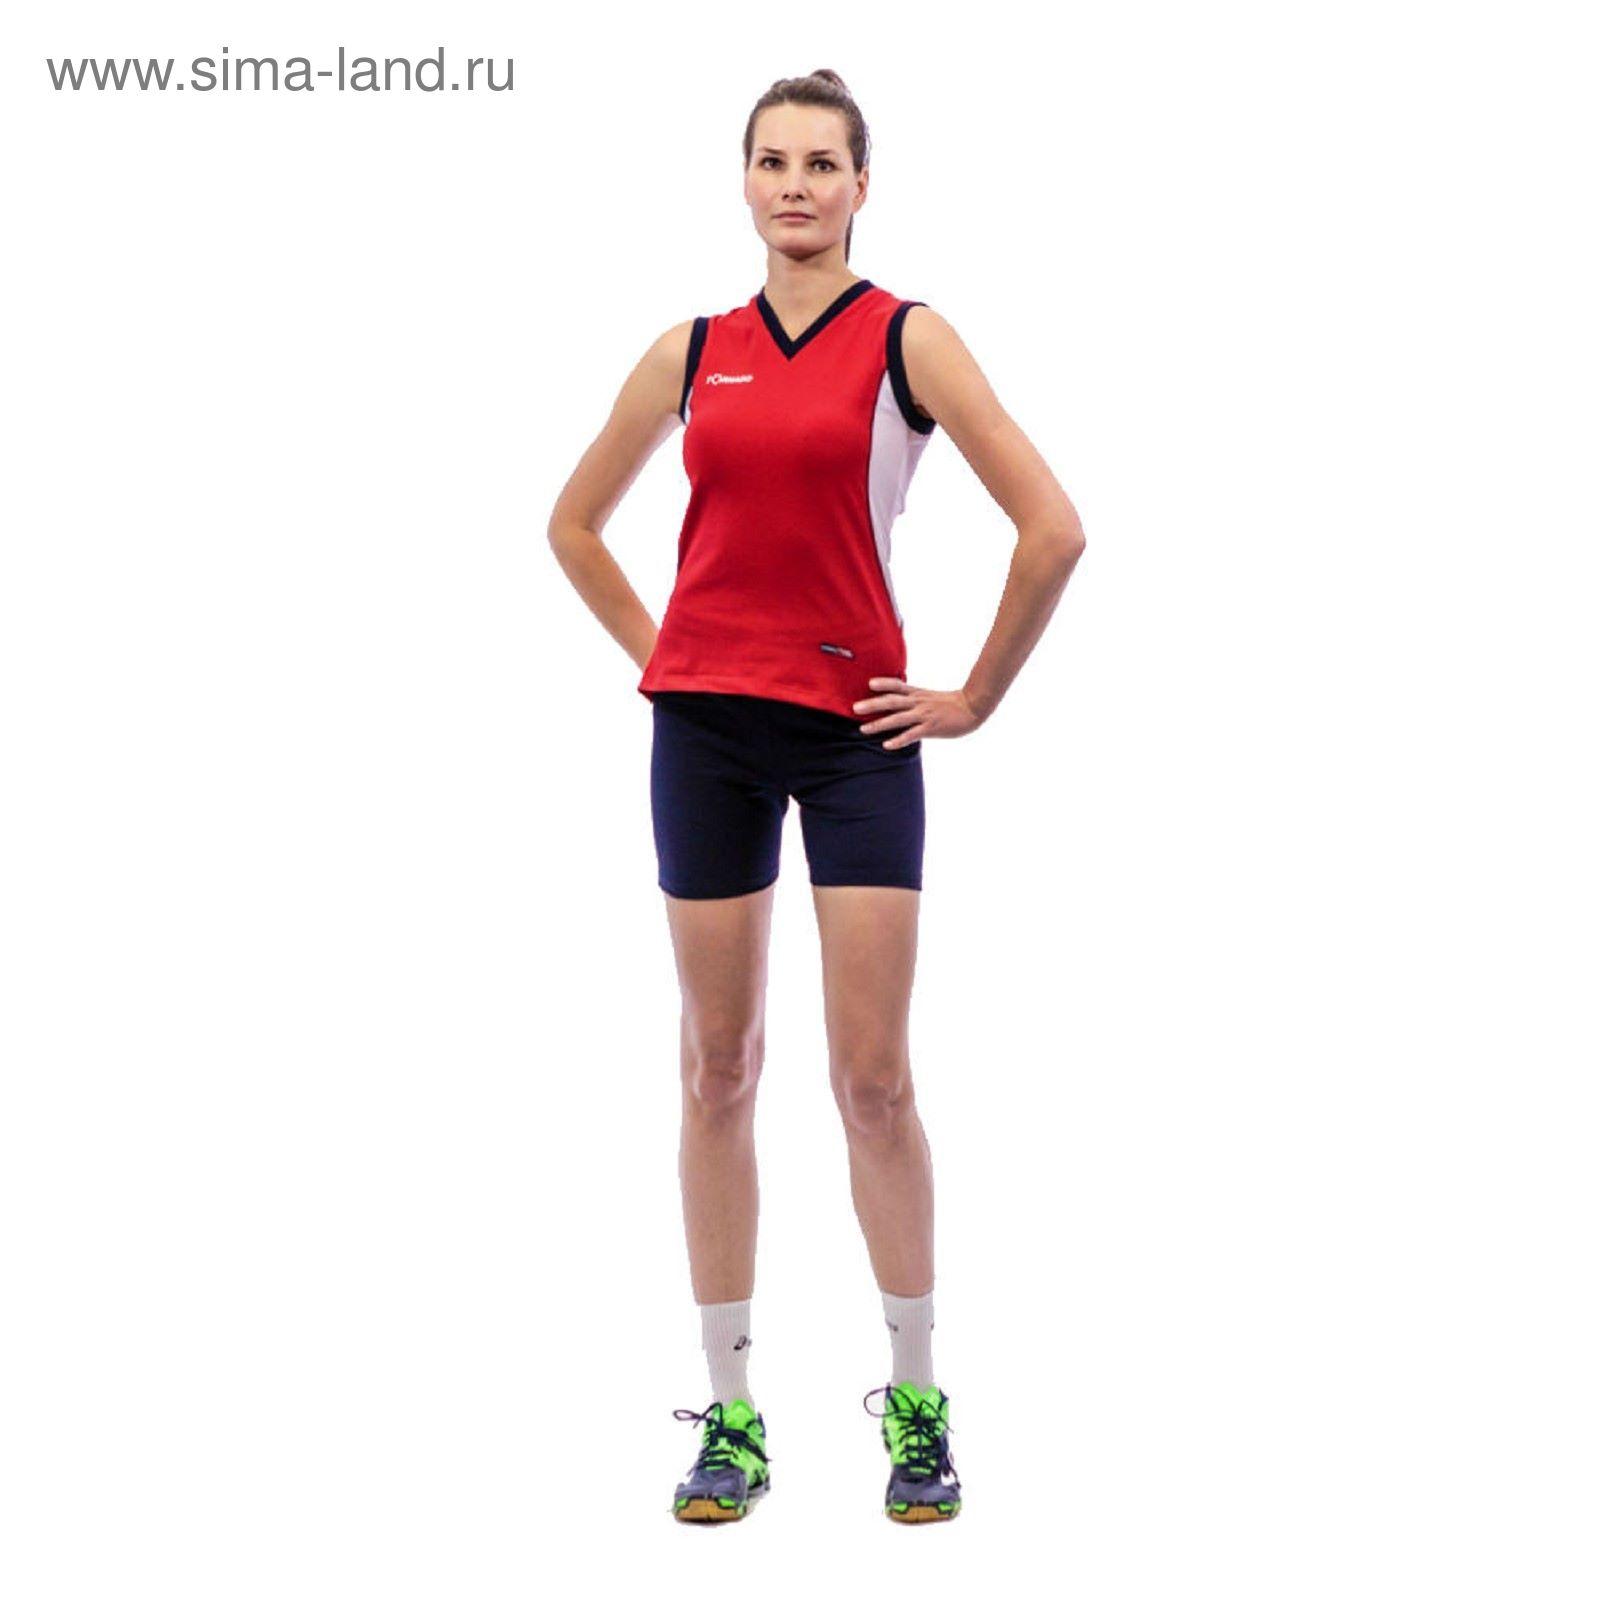 a51ff599a0b8 Форма волейбольная 2XS TORNADO T420 265001 SET (2031777) - Купить по ...